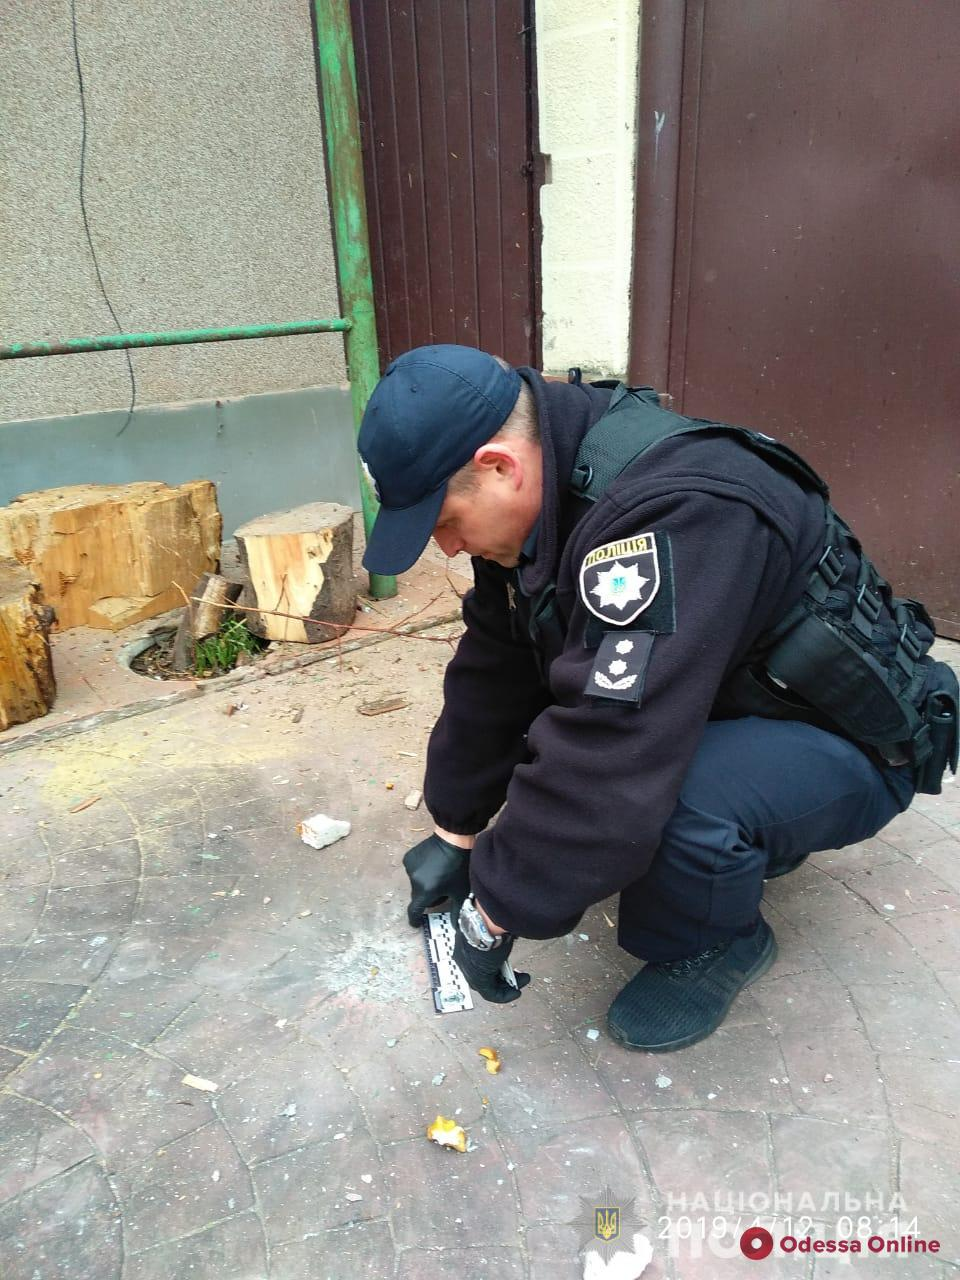 Одесская область: во дворе дома прогремел взрыв